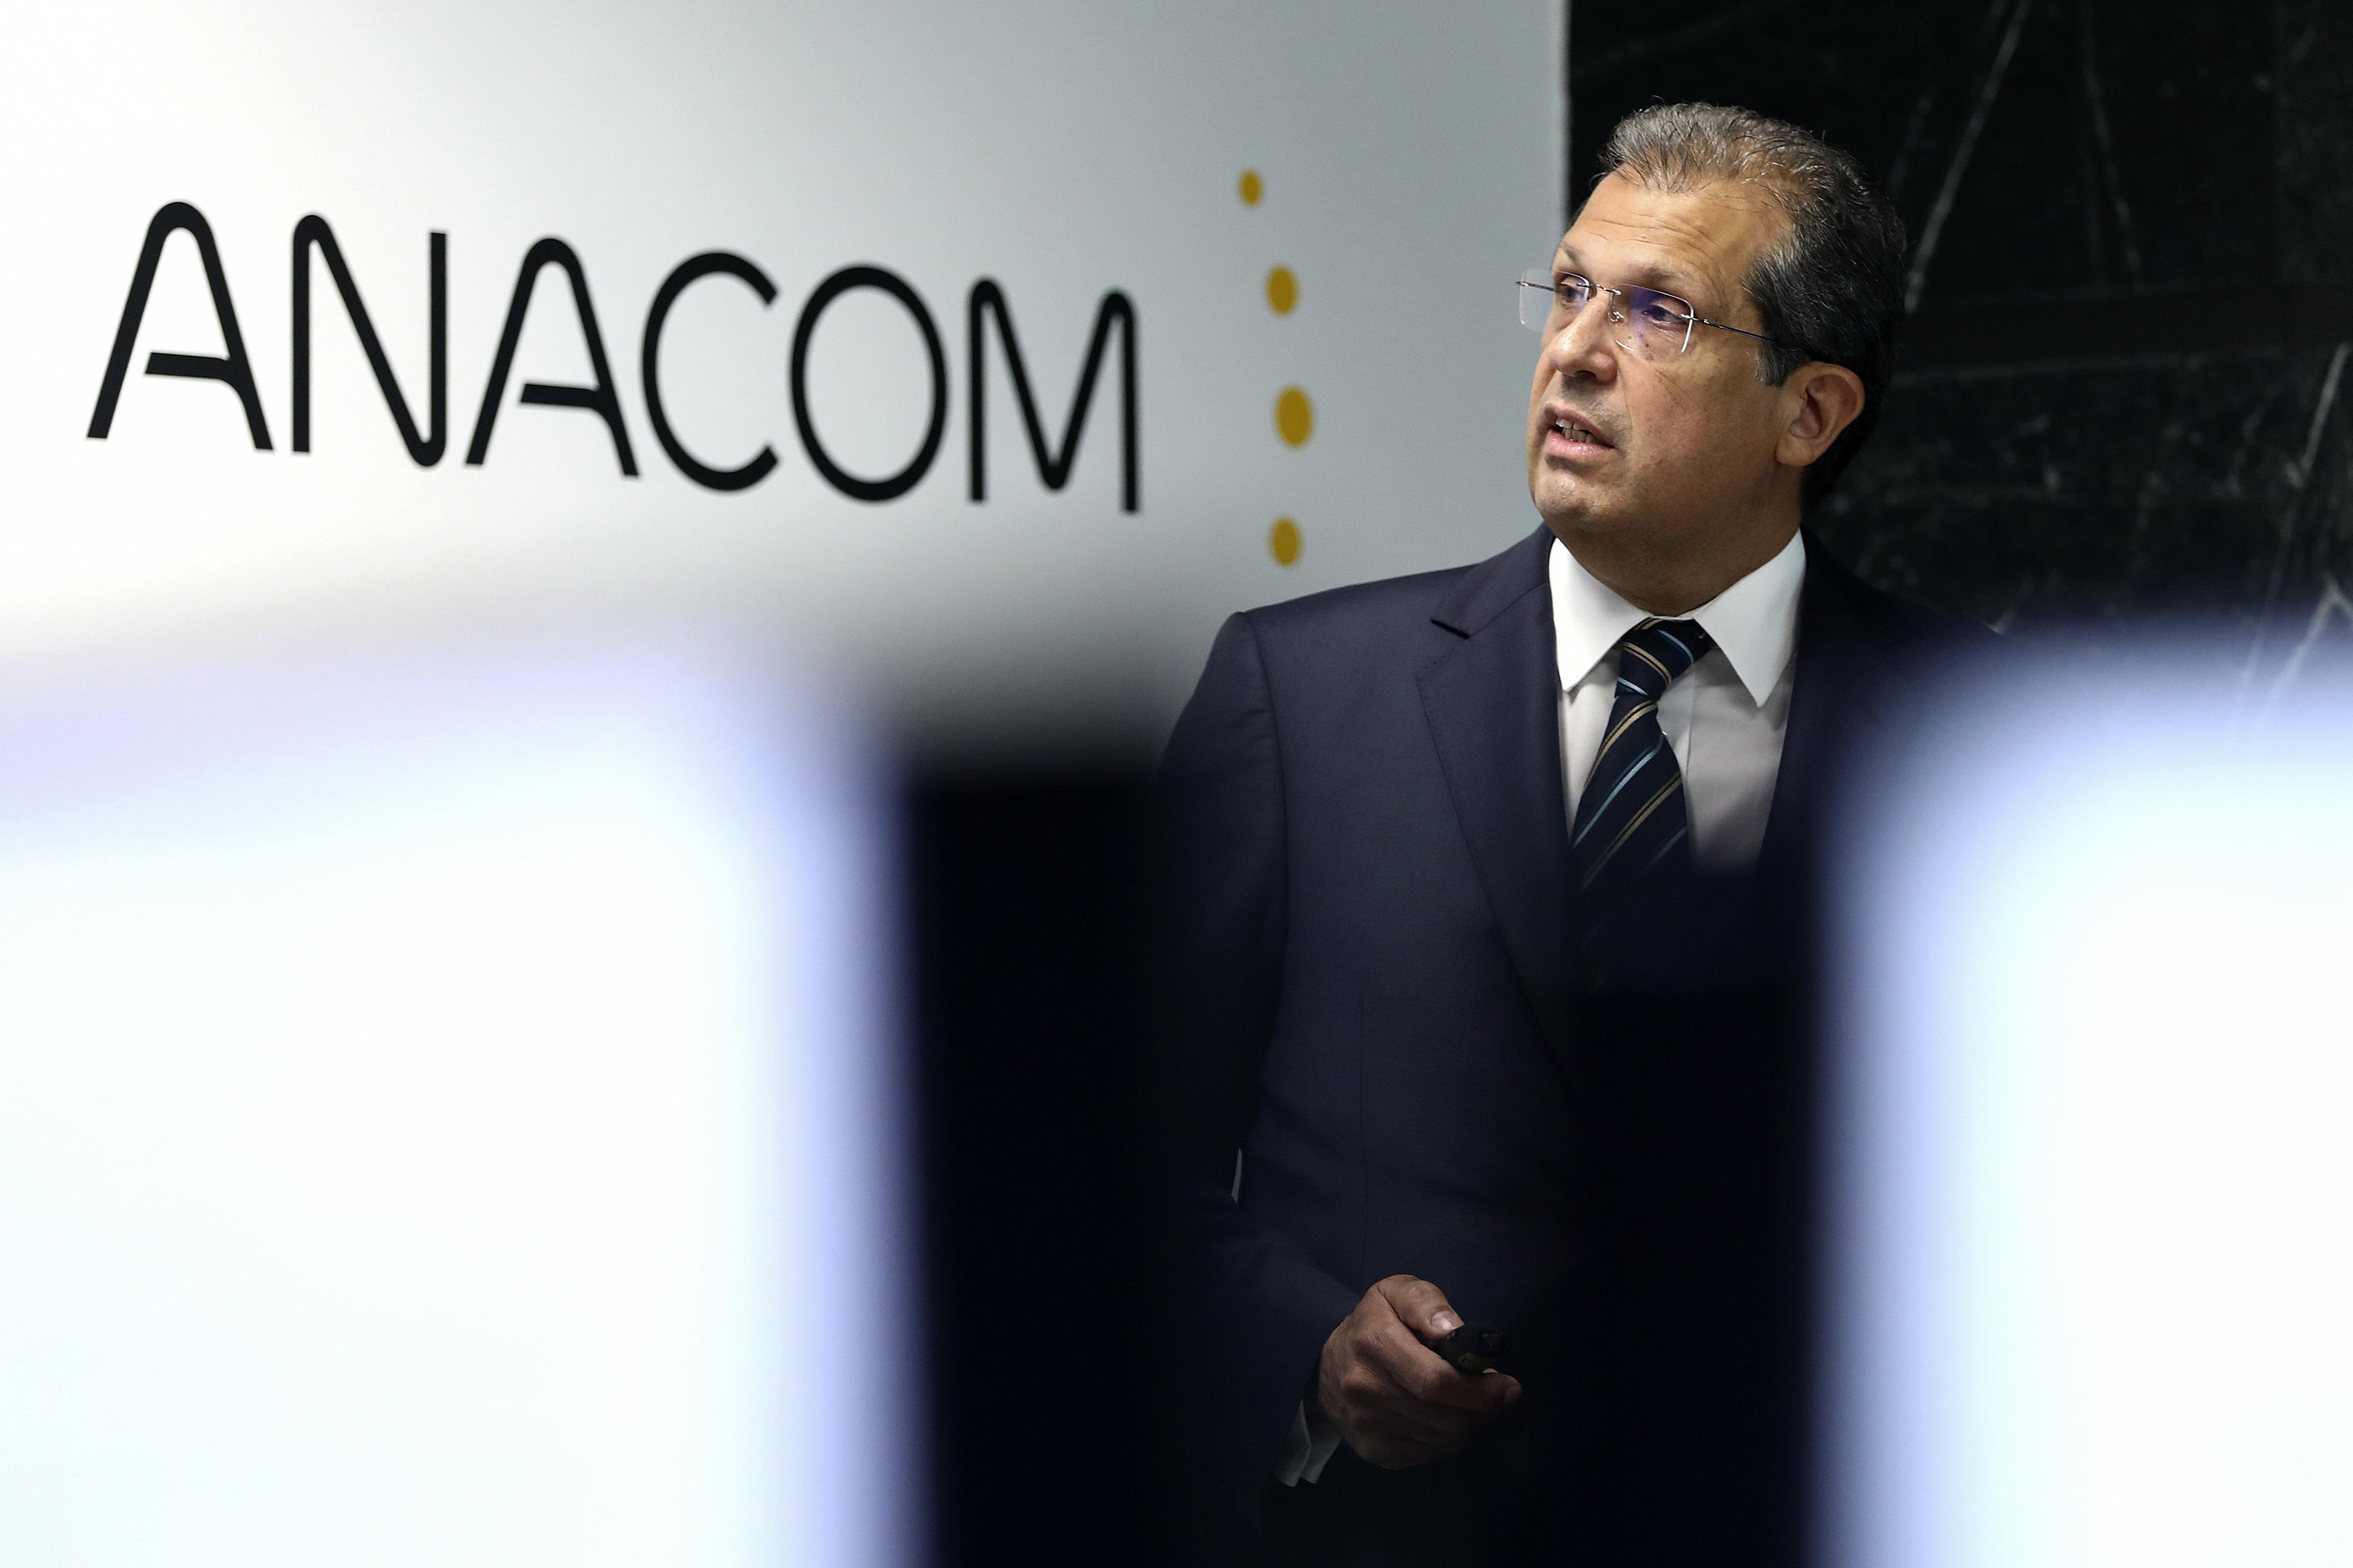 """Presidente da Anacom destaca """"passo histórico"""" na concorrência do setor em Portugal"""